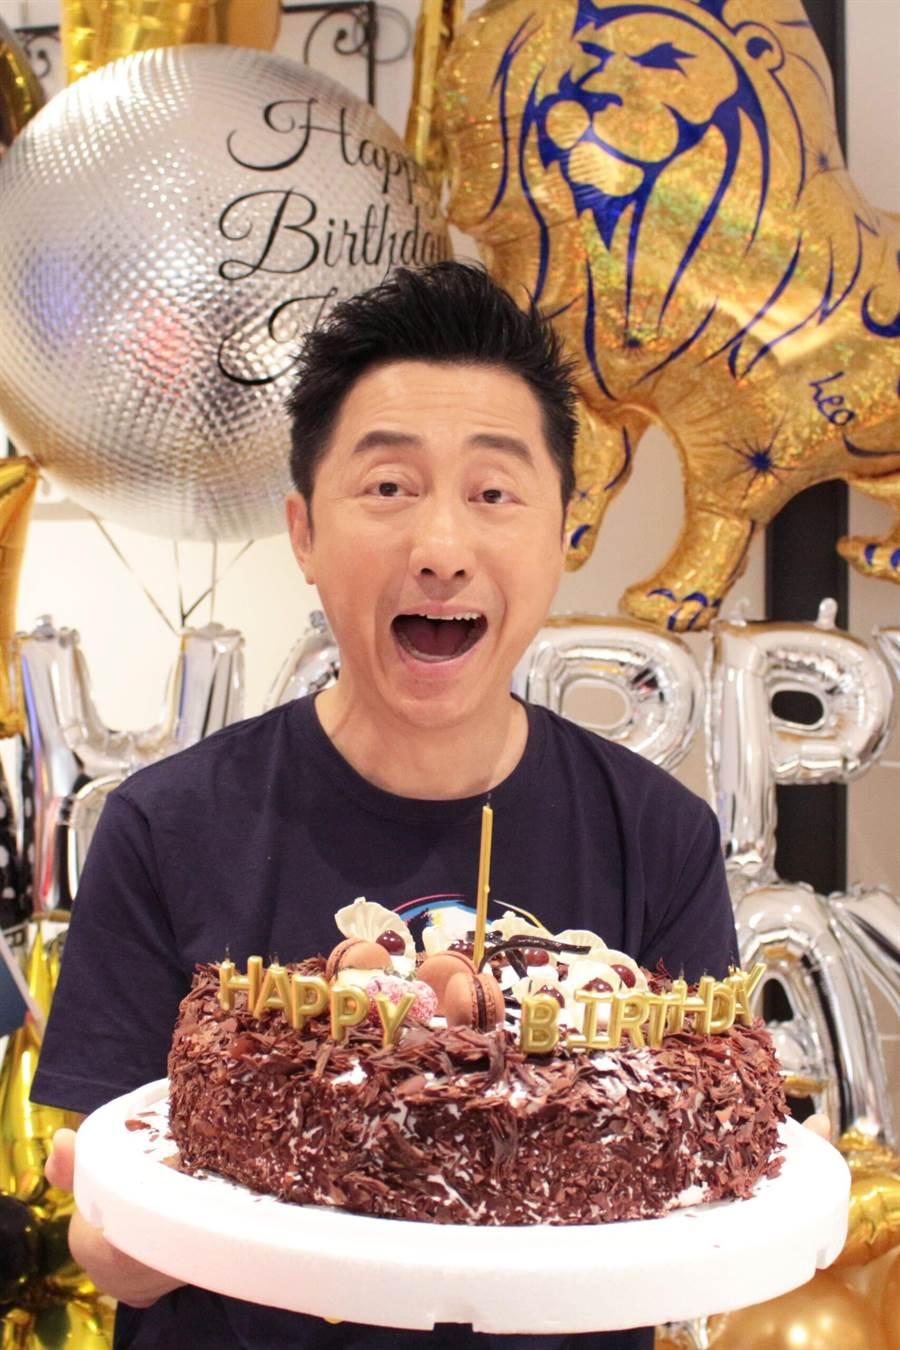 哈林今生日,福茂唱片送上「金箍棒」蛋糕。(福茂唱片提供)